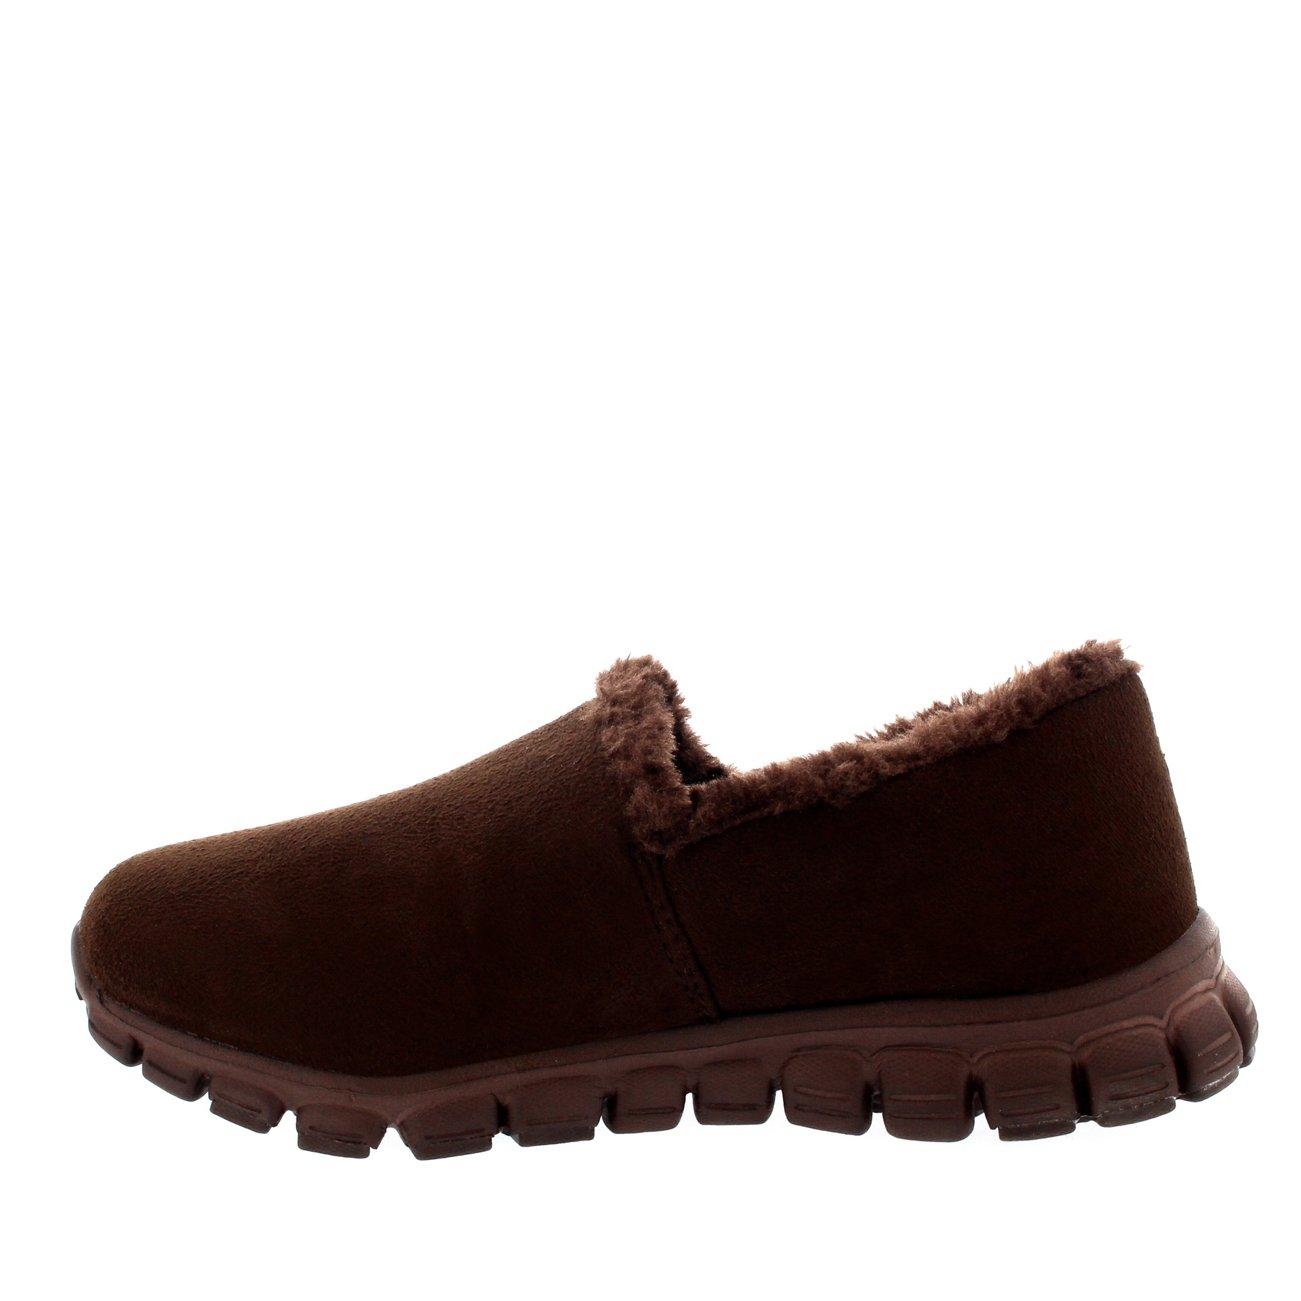 Mujer Pelaje Caliente Sin Cordones Zapatos para Caminar Entrenadores - Marrón - UK4/EU37 - BY0004: Amazon.es: Zapatos y complementos